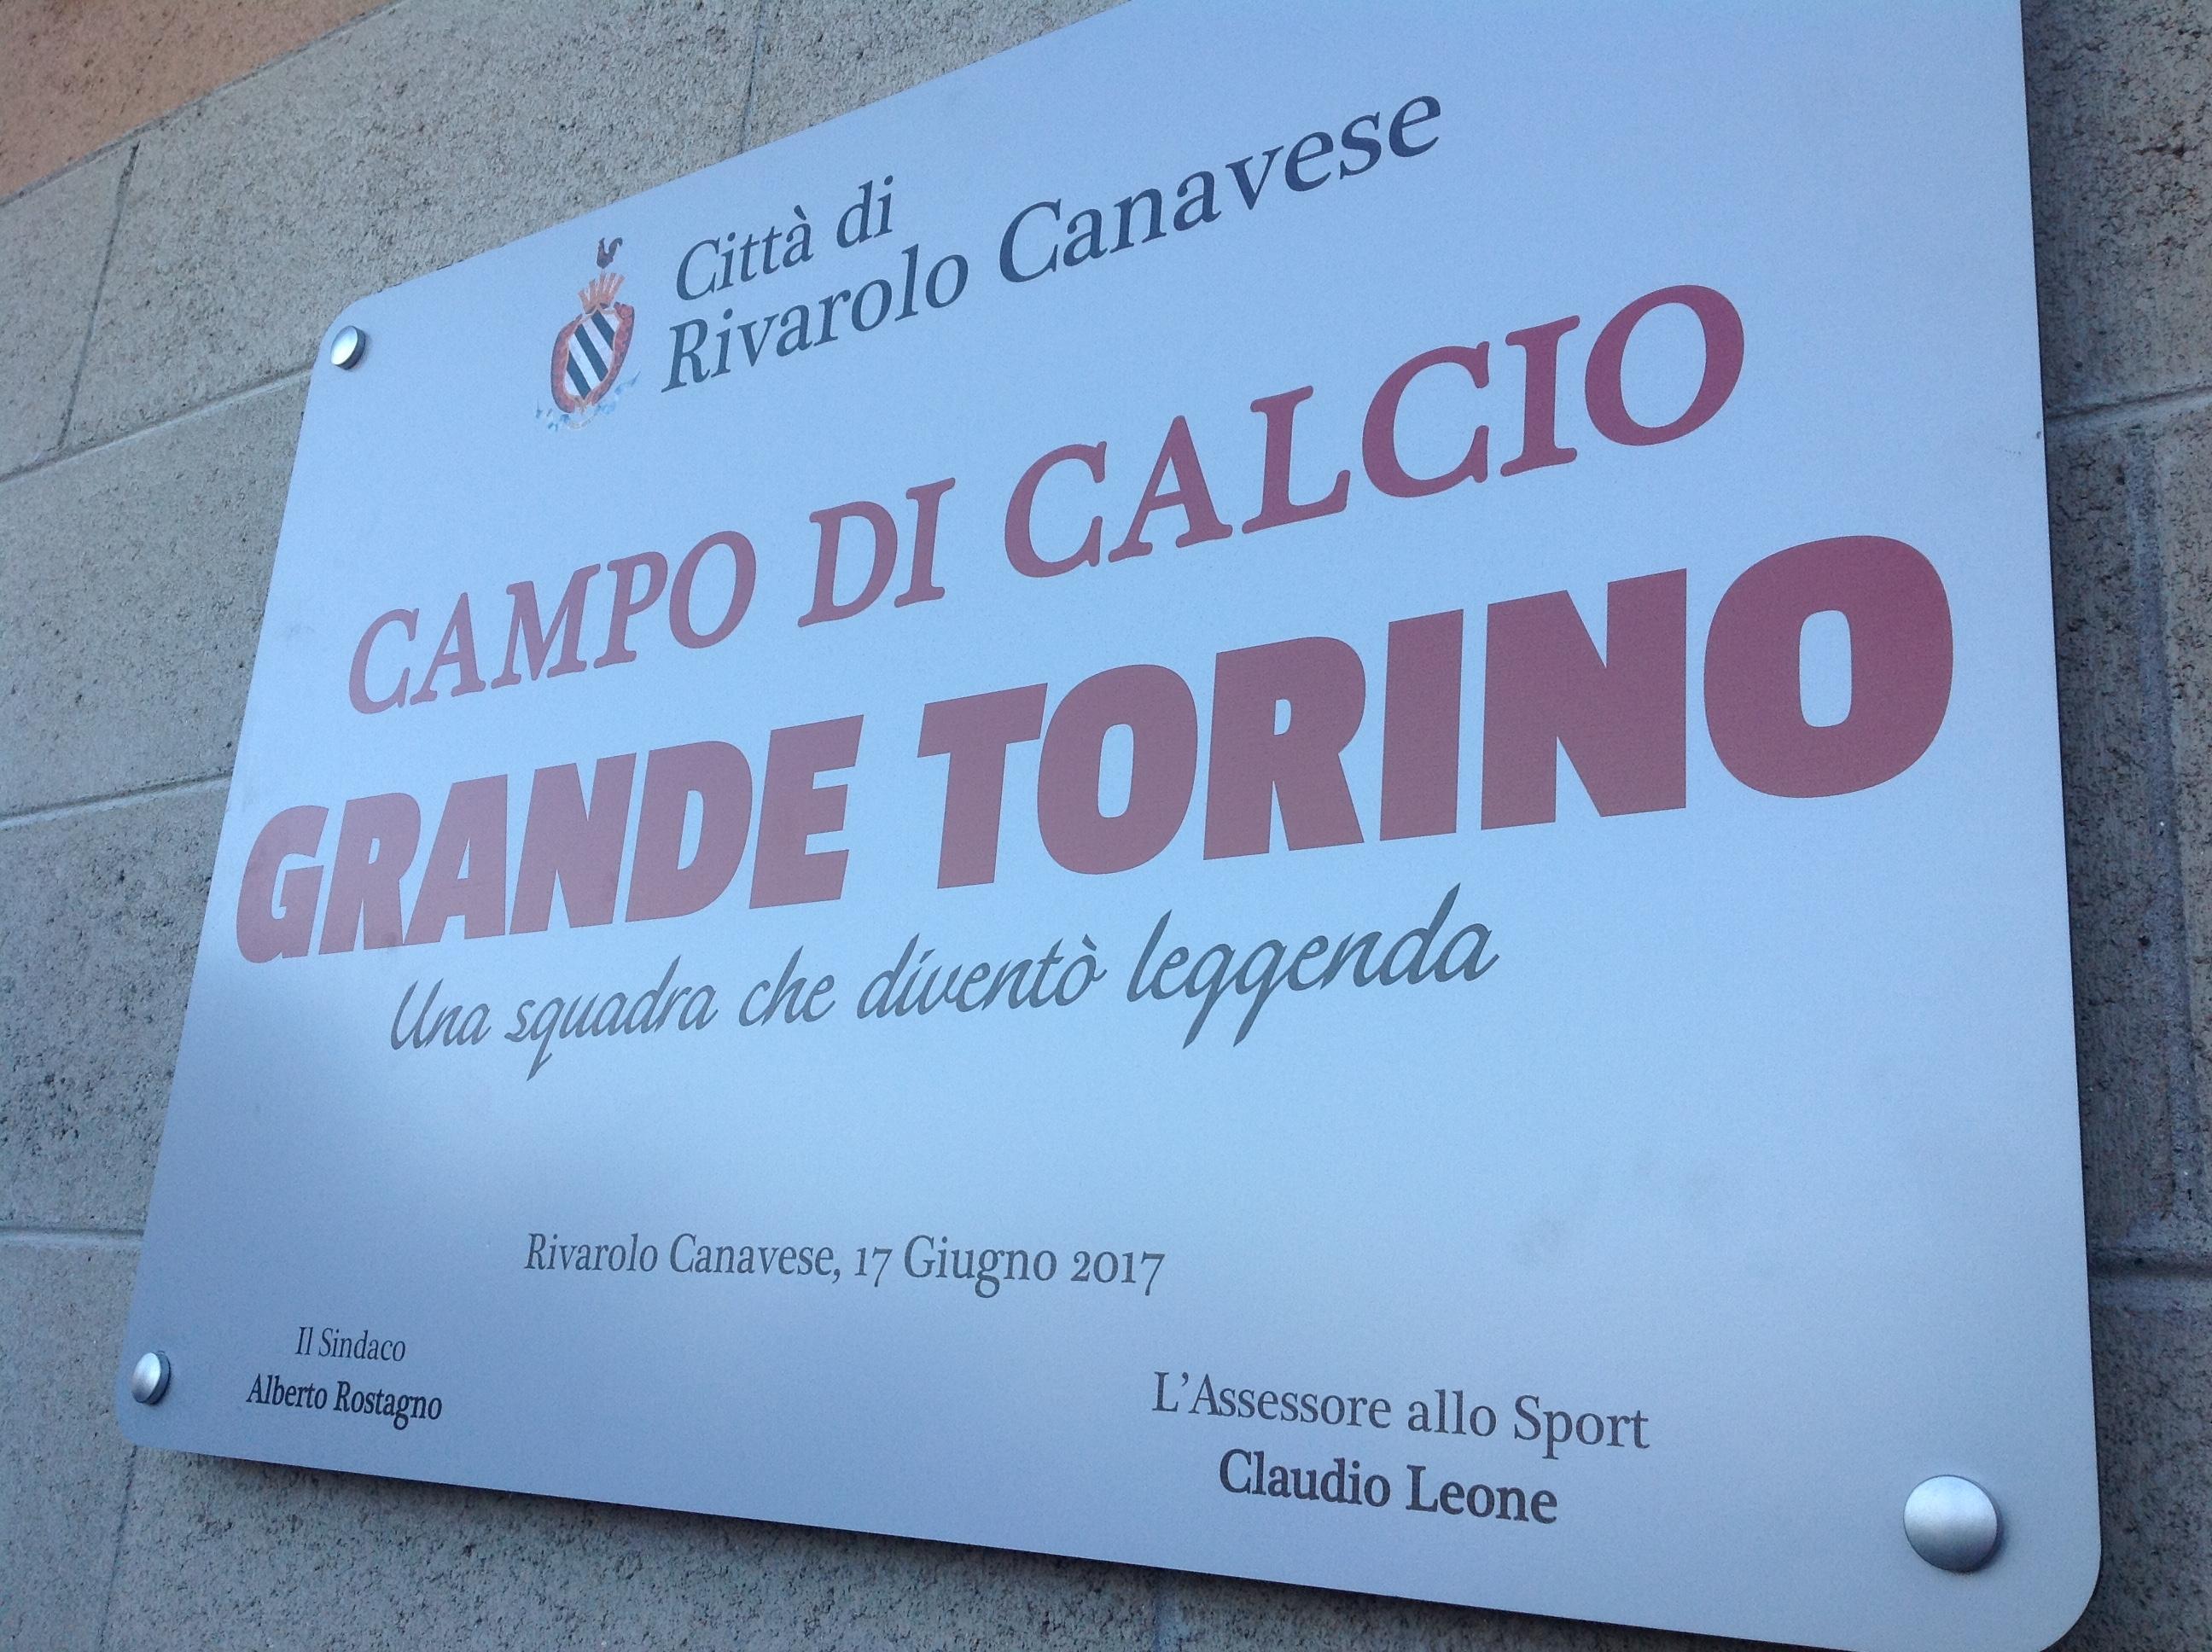 RIVAROLO CANAVESE - Il campo sportivo ha un nome: da oggi ricorda il «Grande Torino» - FOTO e VIDEO